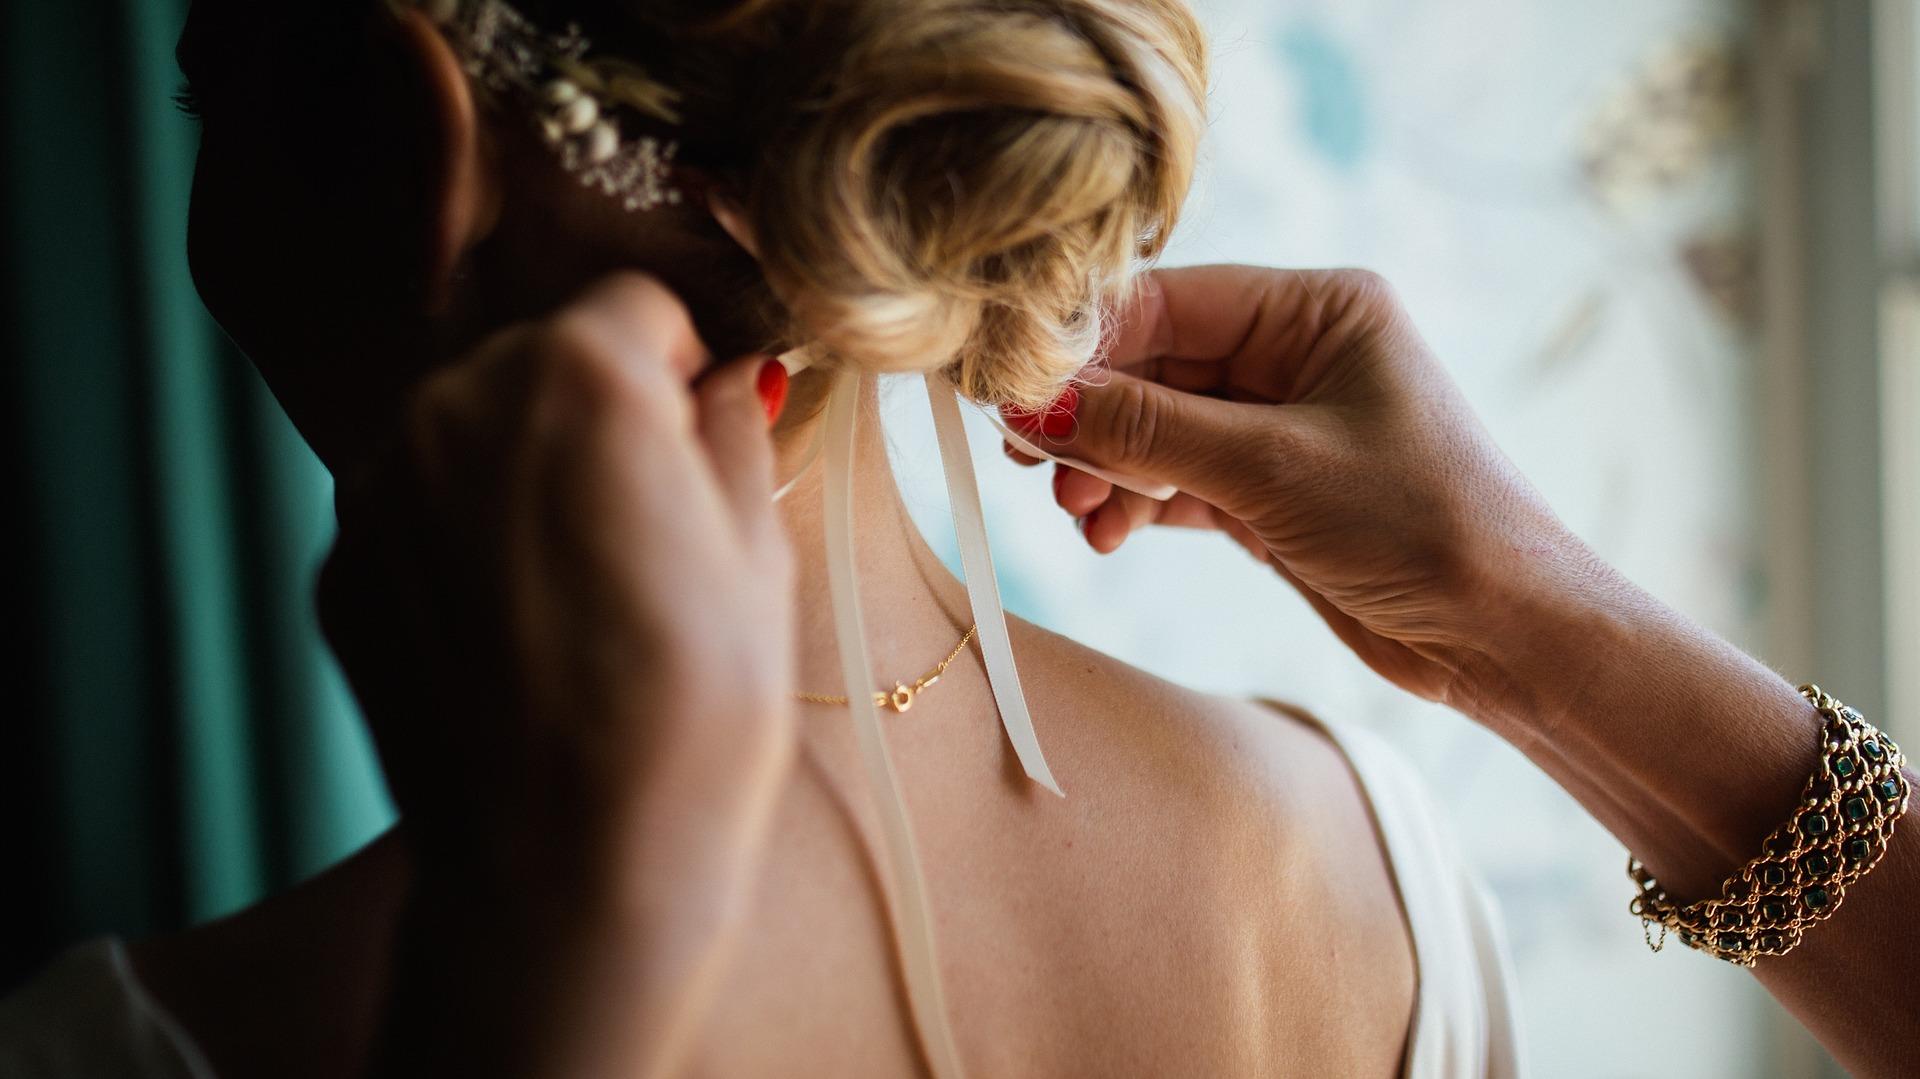 vrouw maakt het lint van een haar accessoire vast